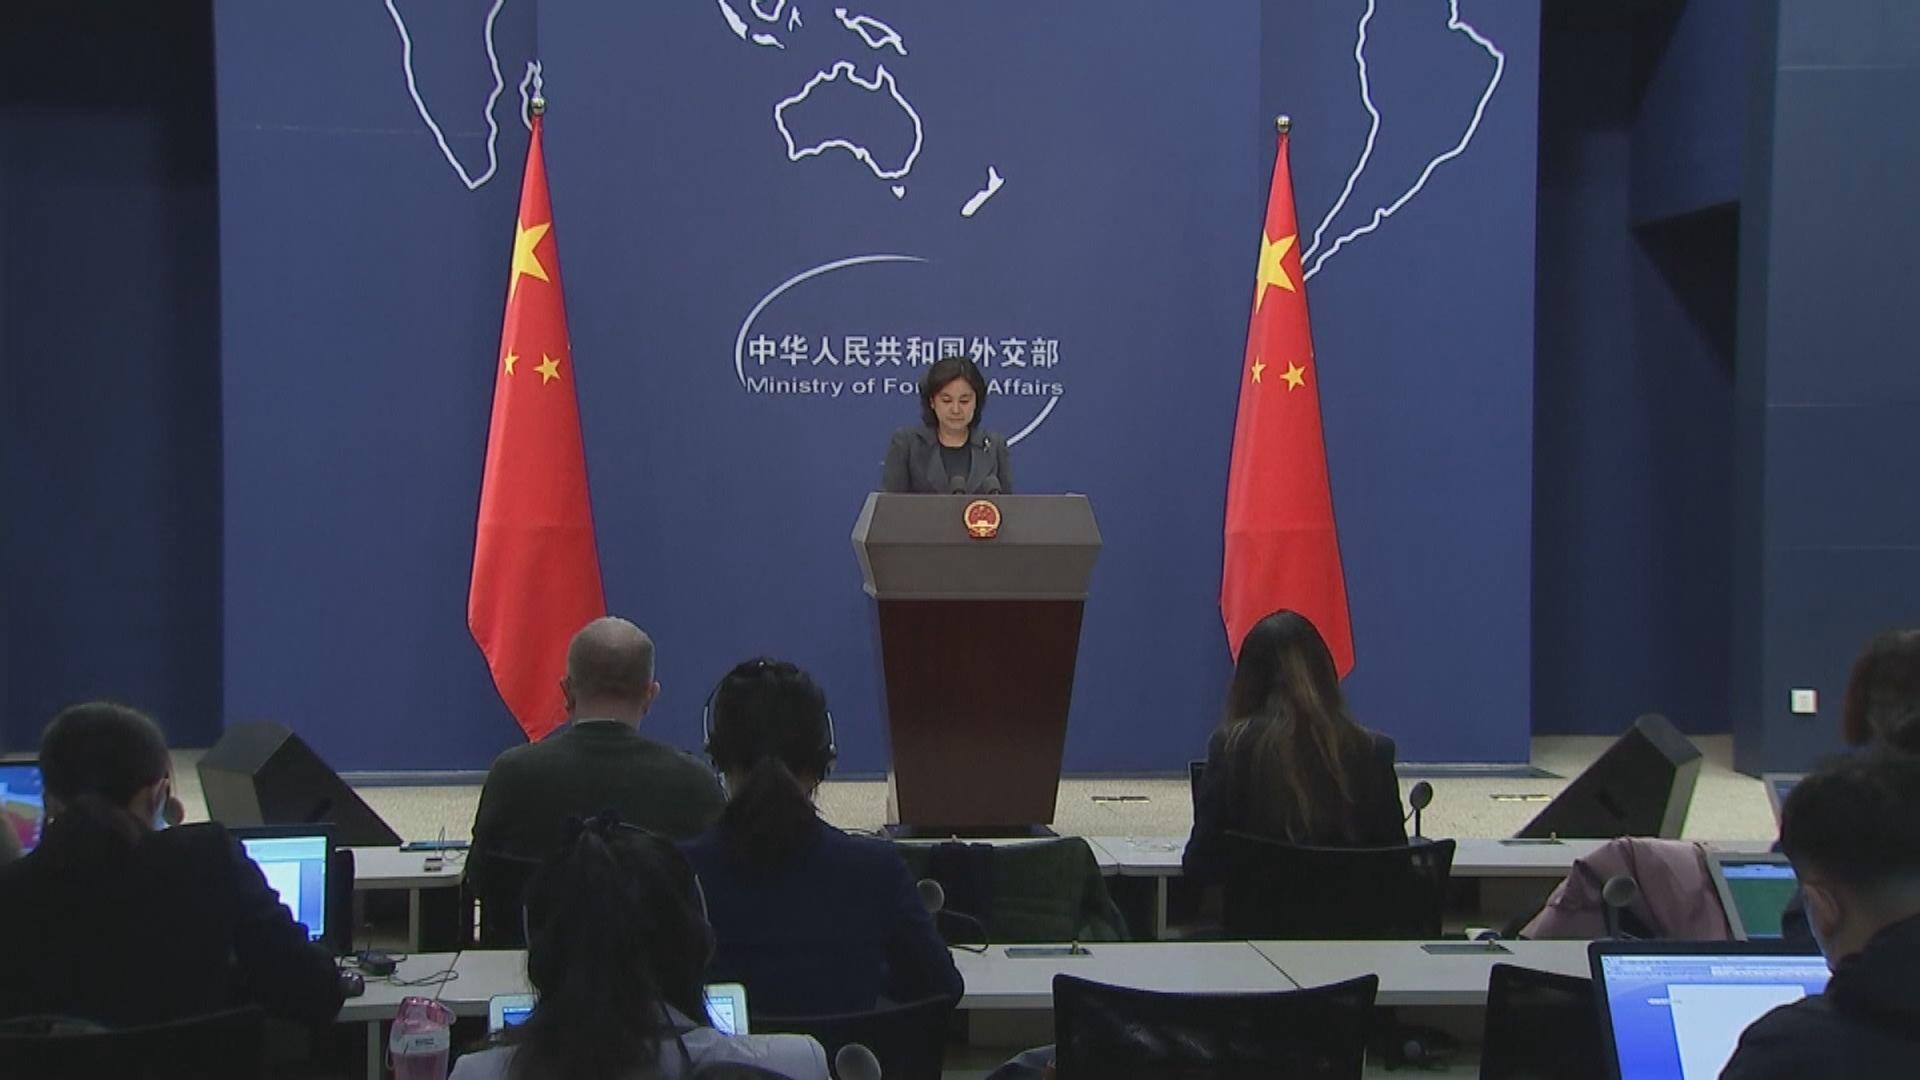 外交部促美停止與台官方往來 改變越線、玩火危險做法